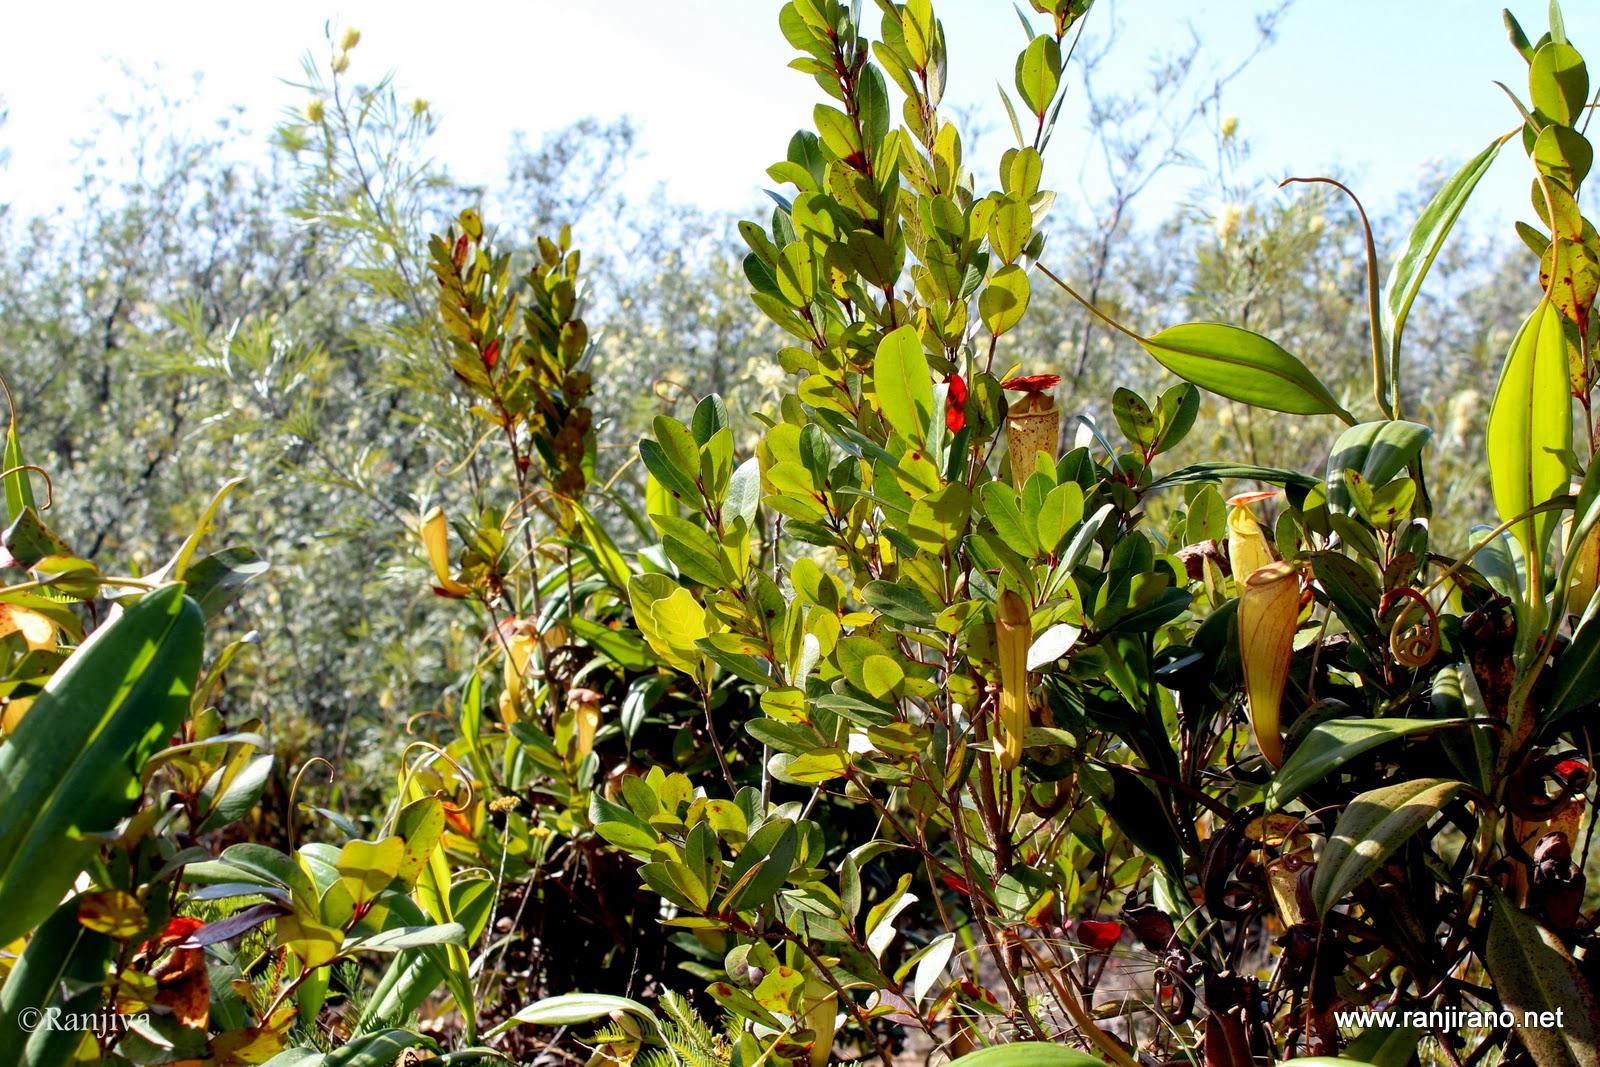 paysages et fleurs au fil de l u0026 39 eau  des nepenthes et des l u00e9muriens  madagascar